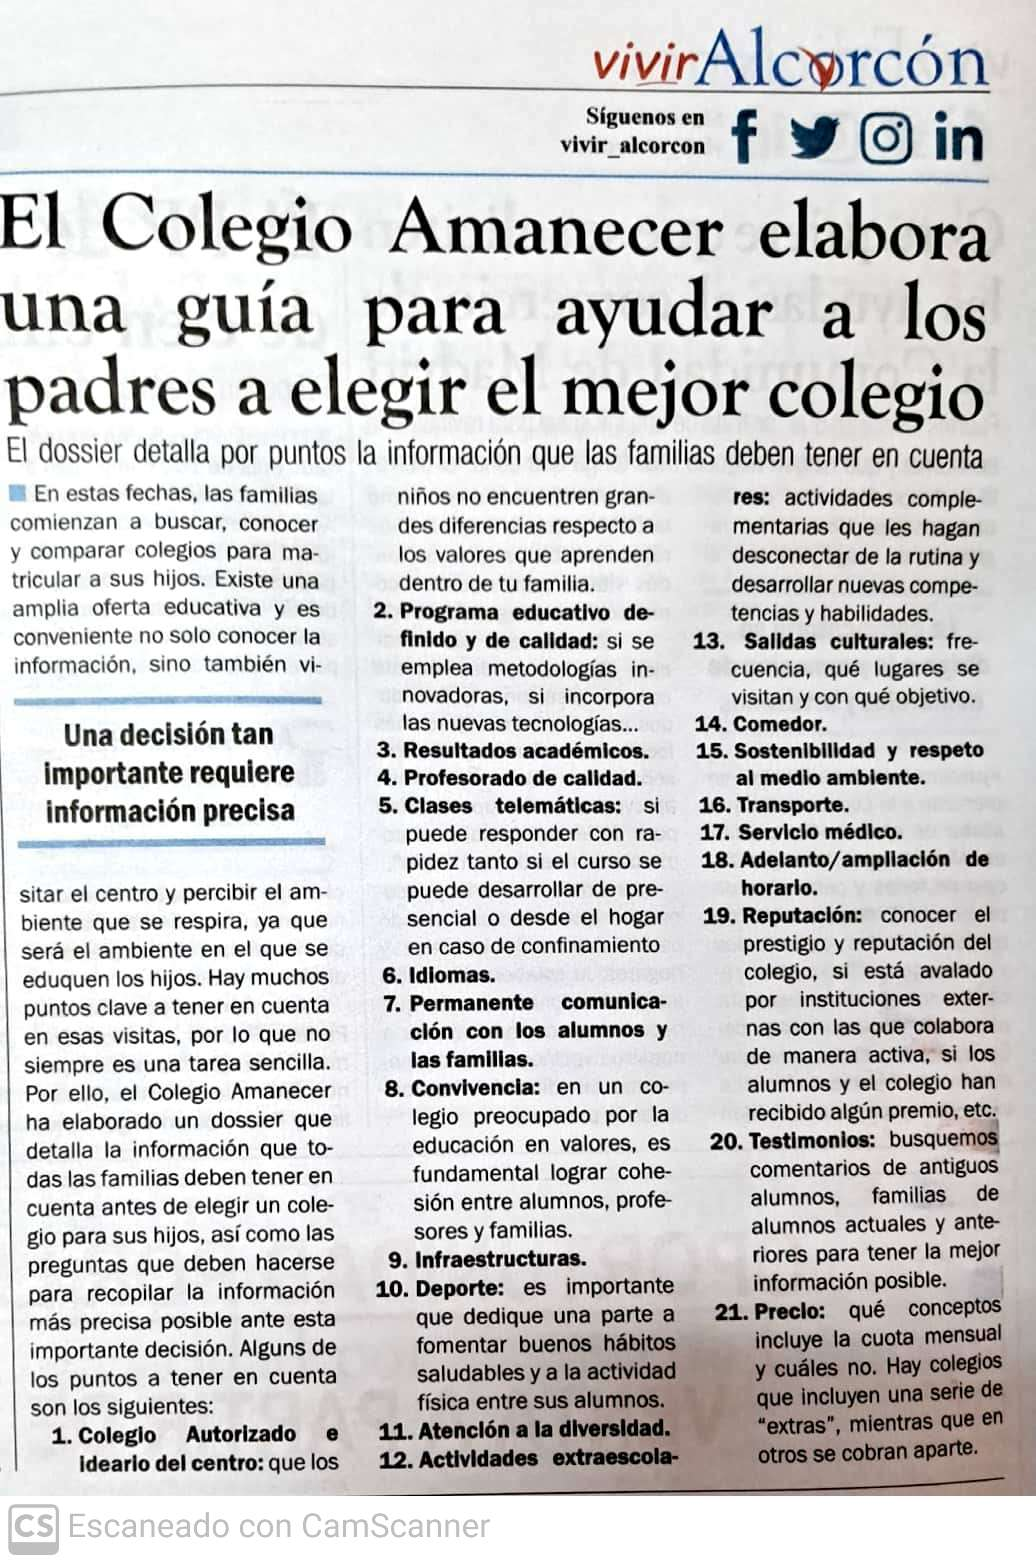 Vivir Alcorcón ofrece guía para elegir mejor colegio para nuestros hijos